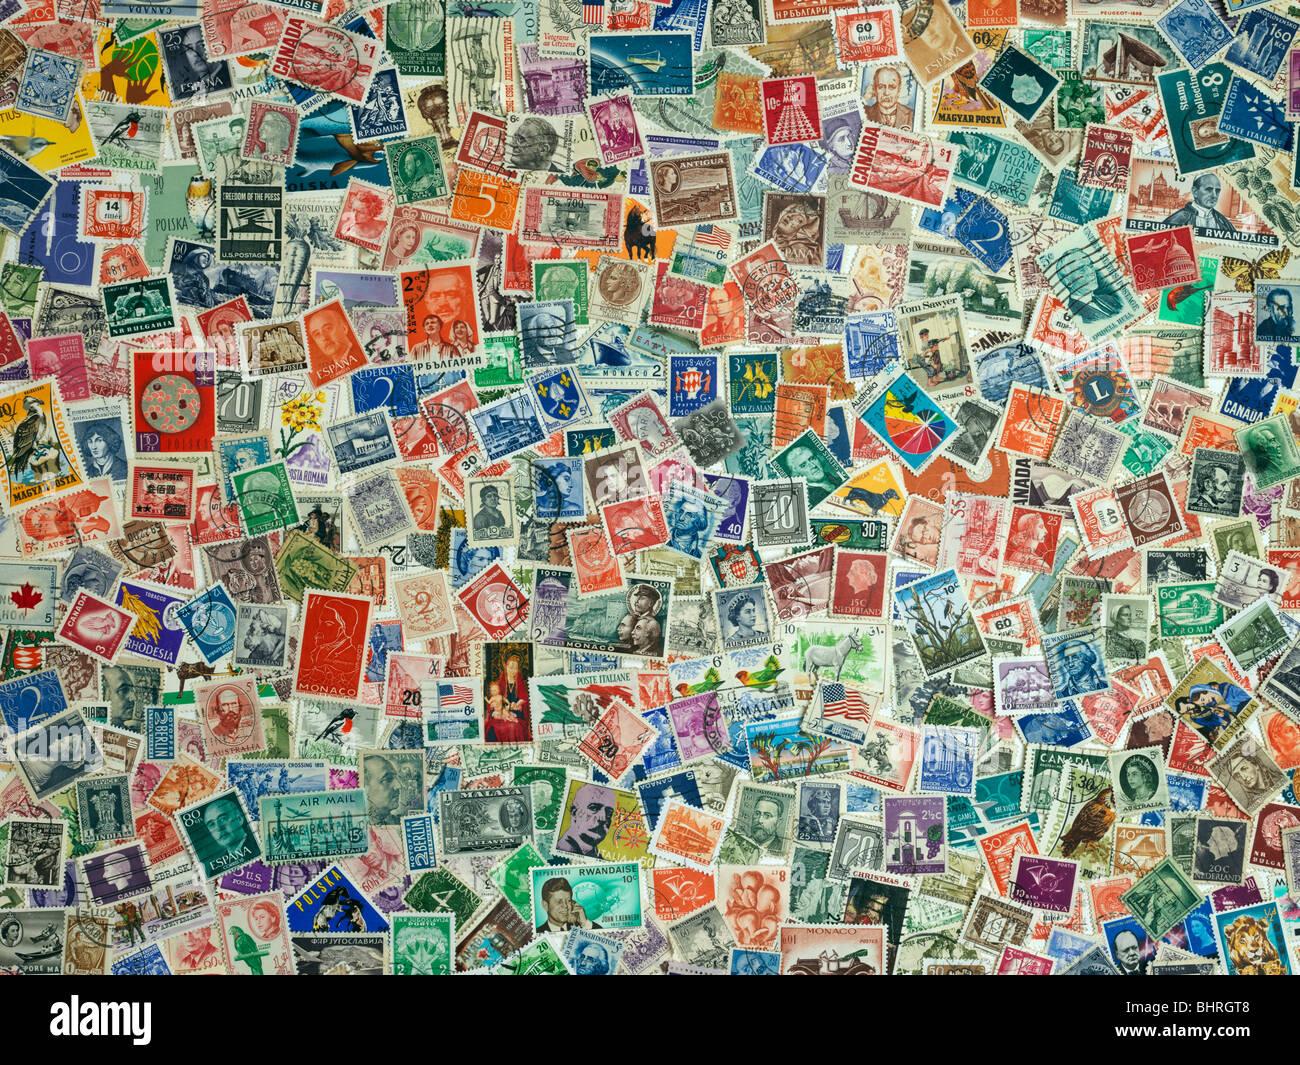 International di francobolli di tutto il mondo, still life collection Immagini Stock